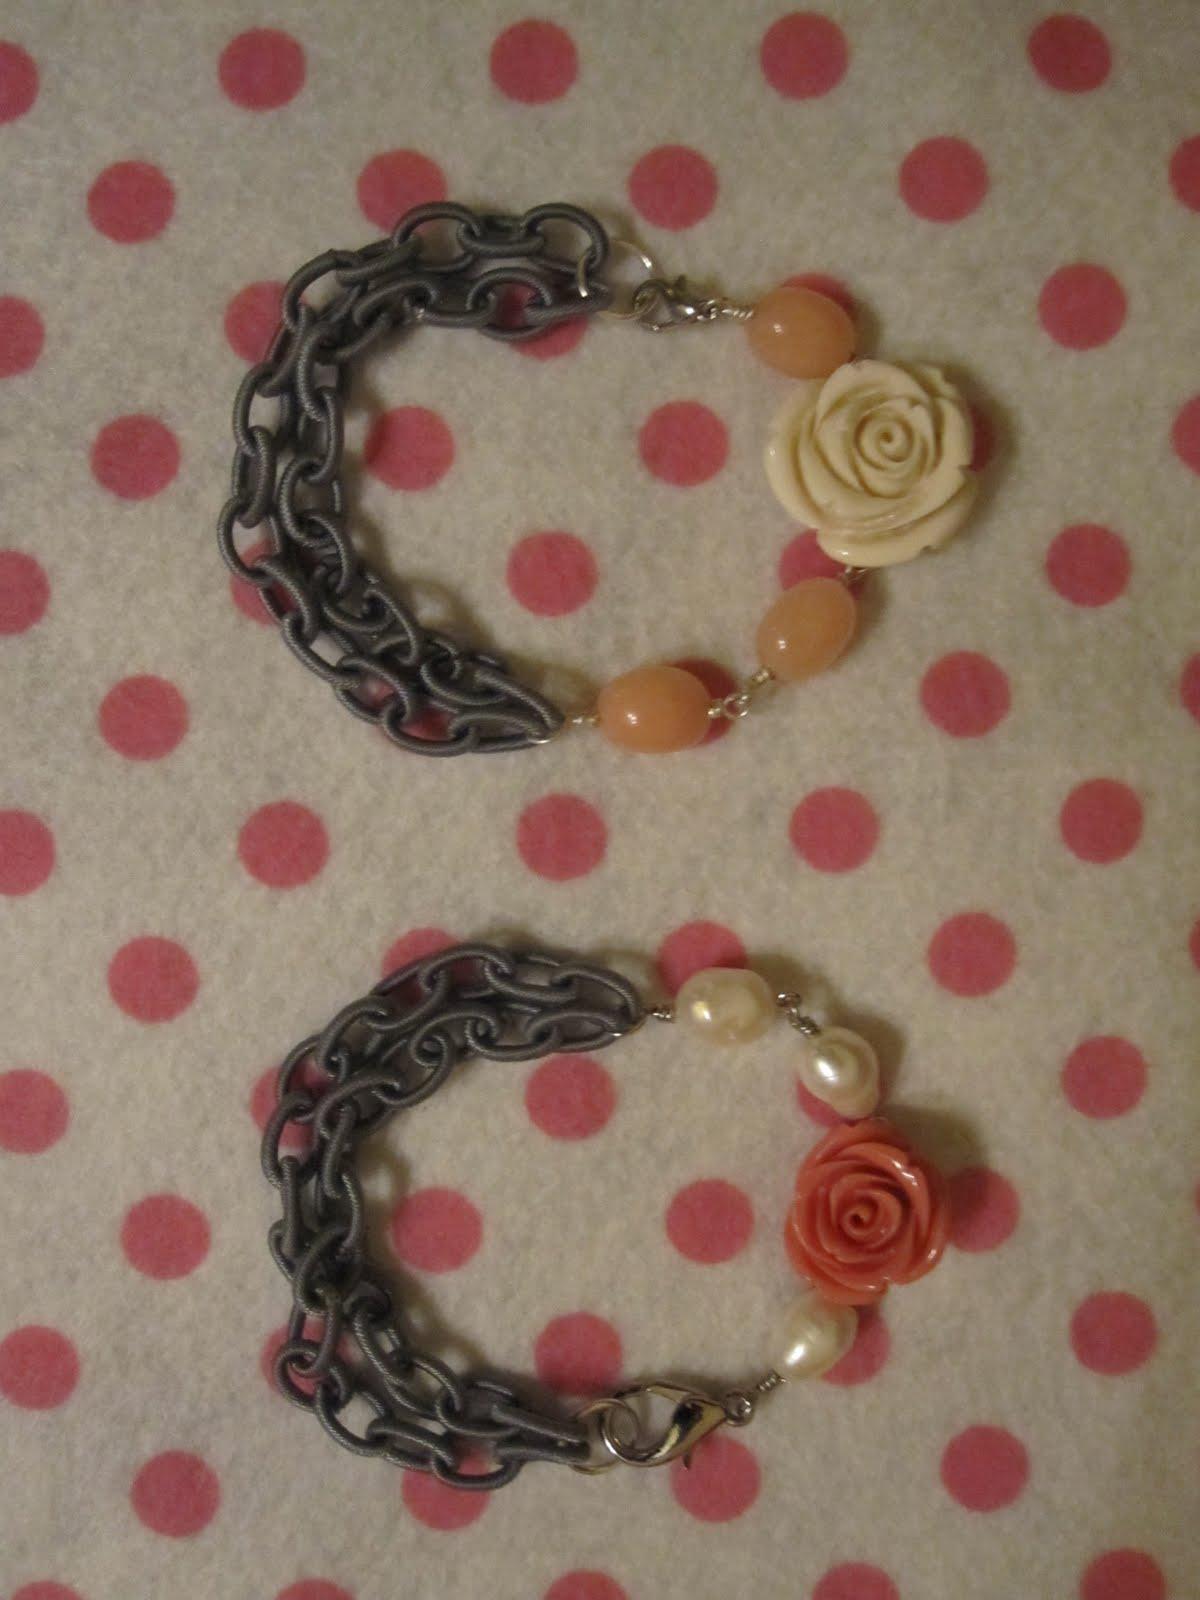 Pulseras en plateado con rosas en blanco y coral, perlas de río o cuentas ovales de jade salmón y cadena de anillas grises de hilo. (VENDIDA ROSA EN CORAL).